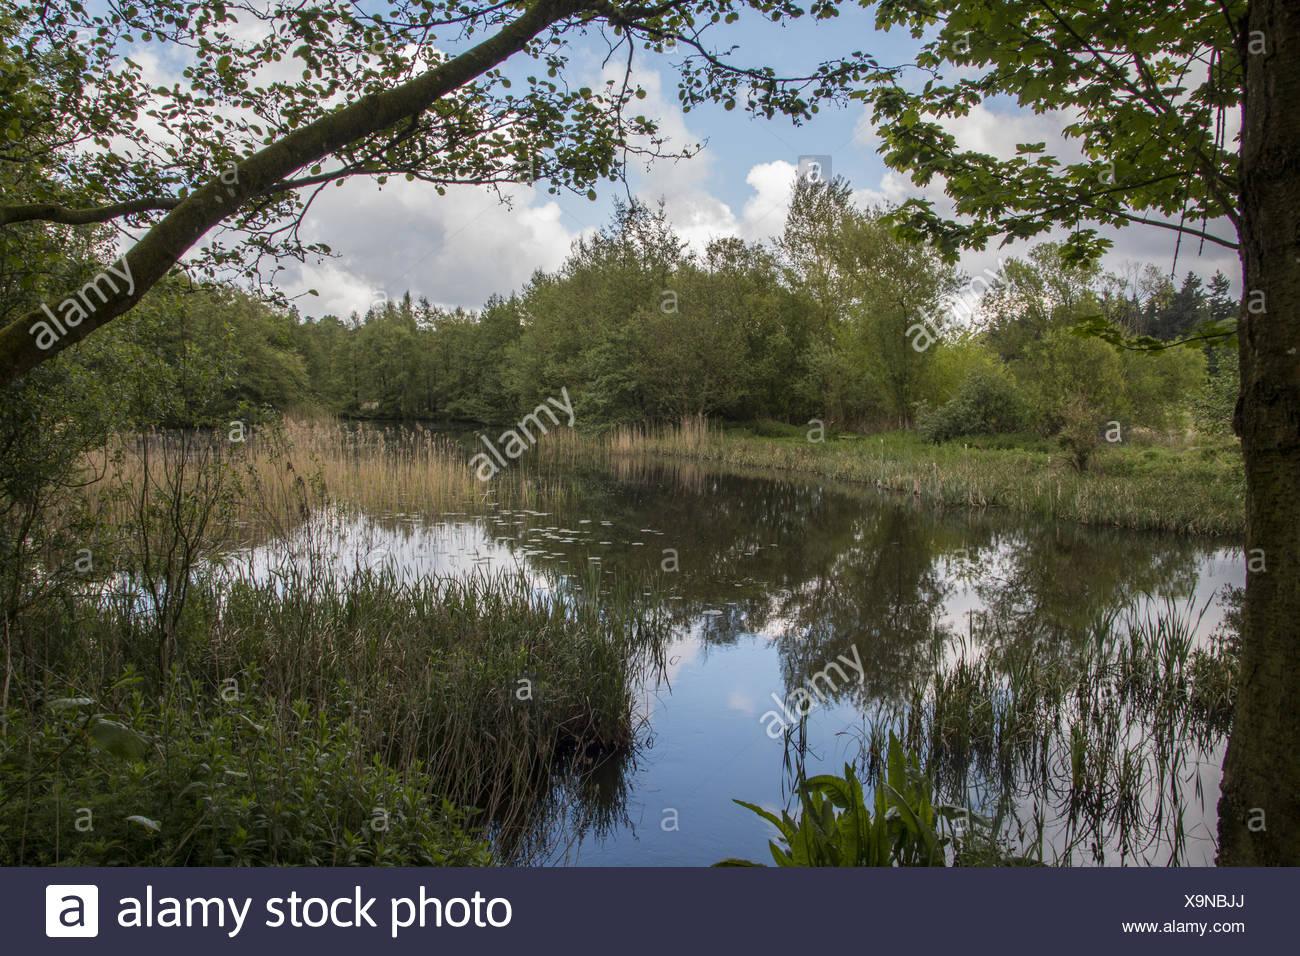 ALTA: Norfolk arboretum